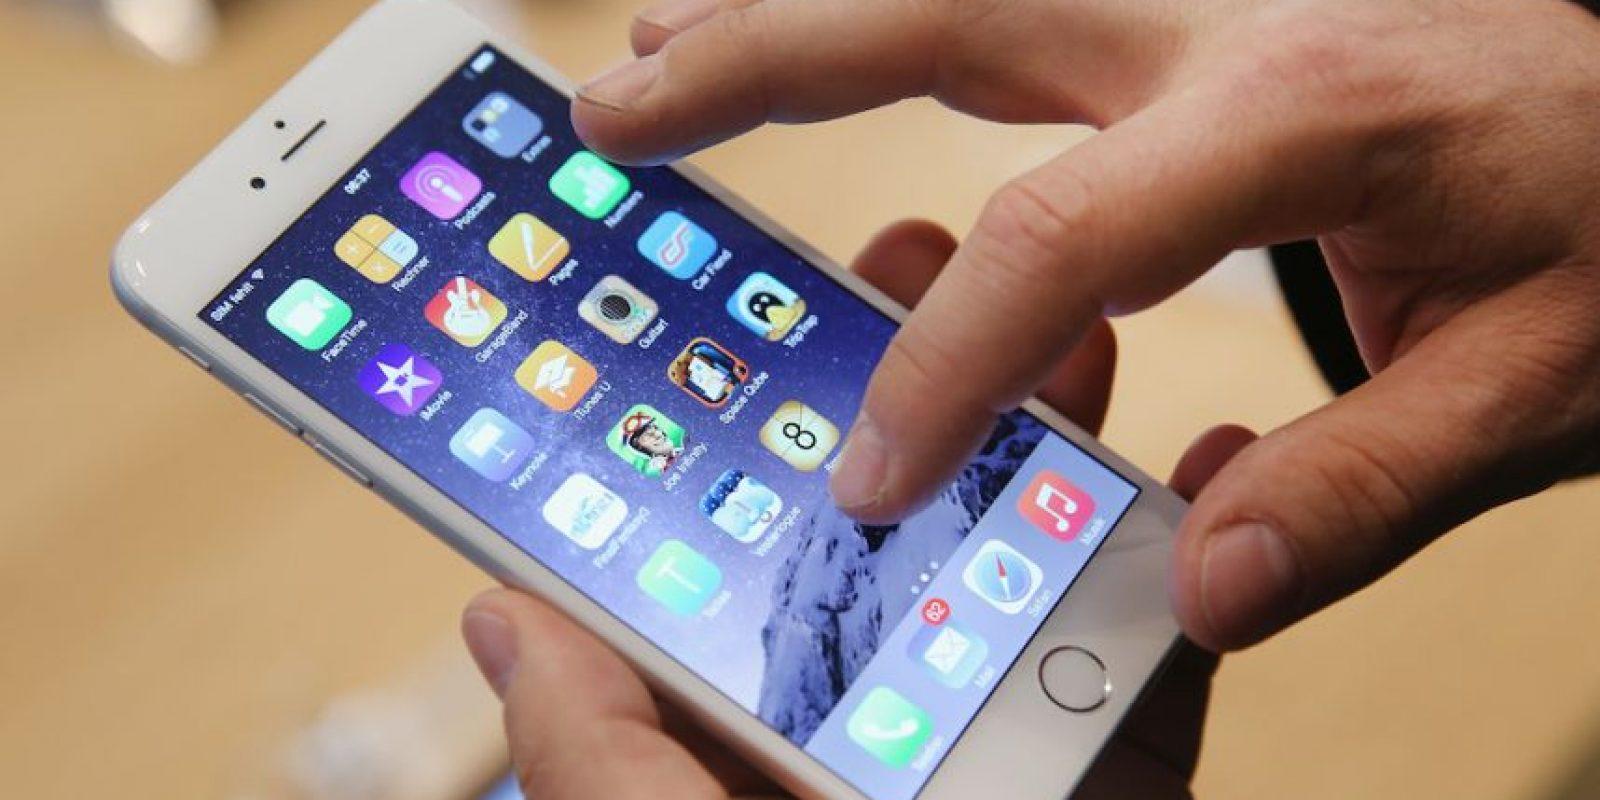 Usuarios piden características especiales para el próximo iPhone. Foto:Getty Images